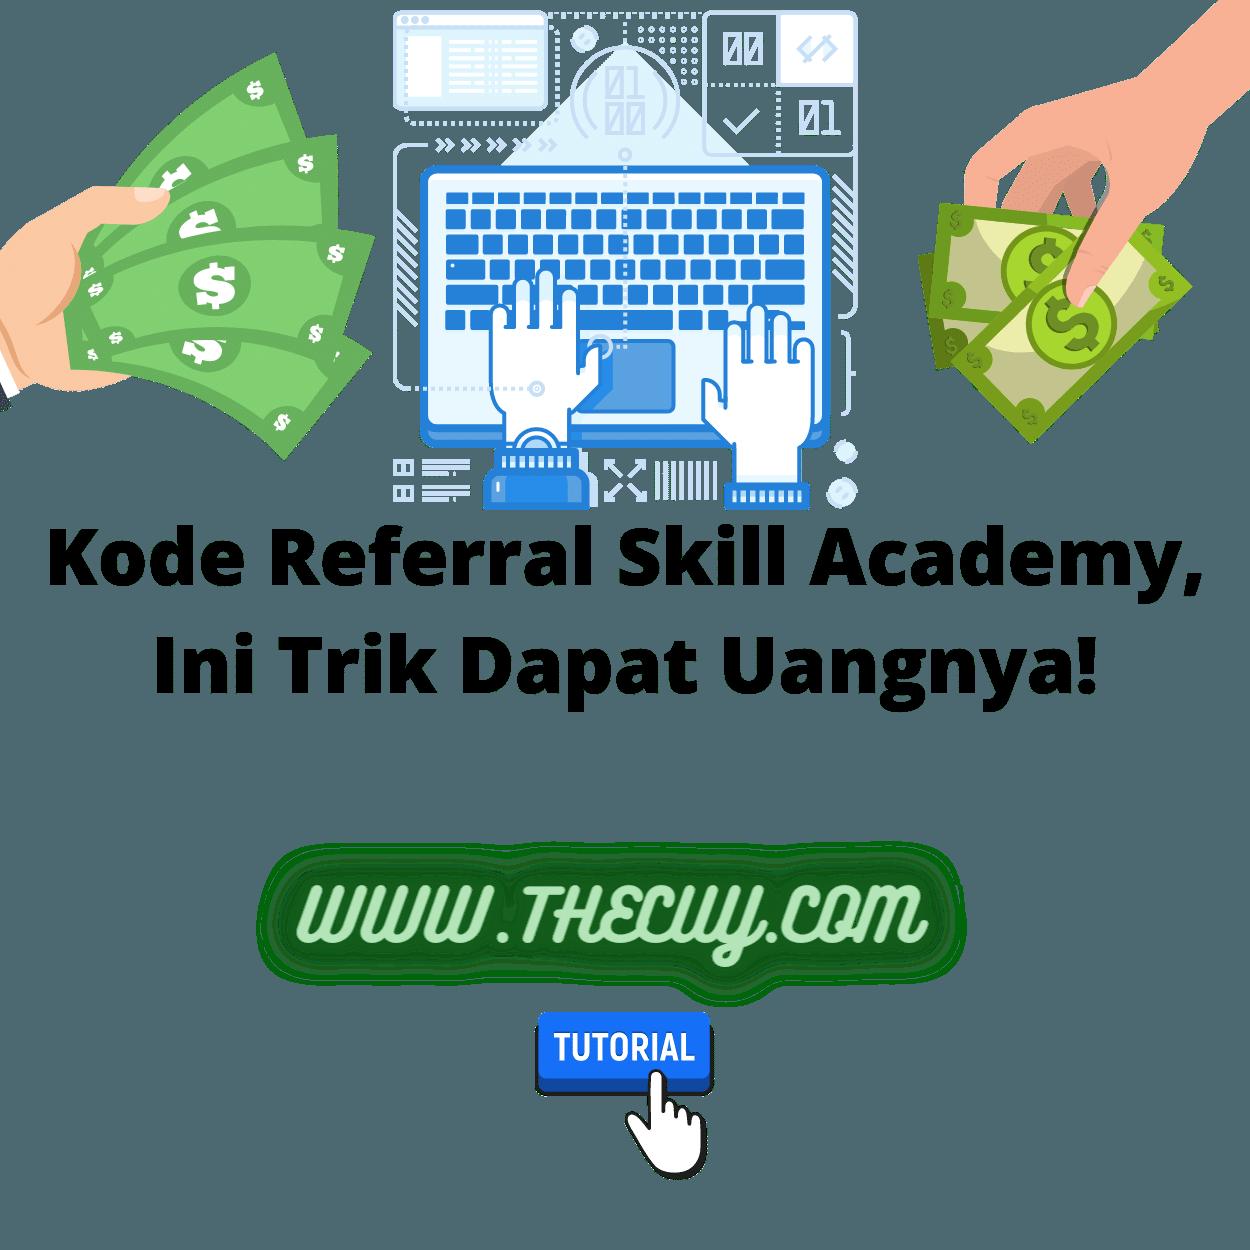 Kode Referral Skill Academy, Ini Trik Dapat Uangnya!